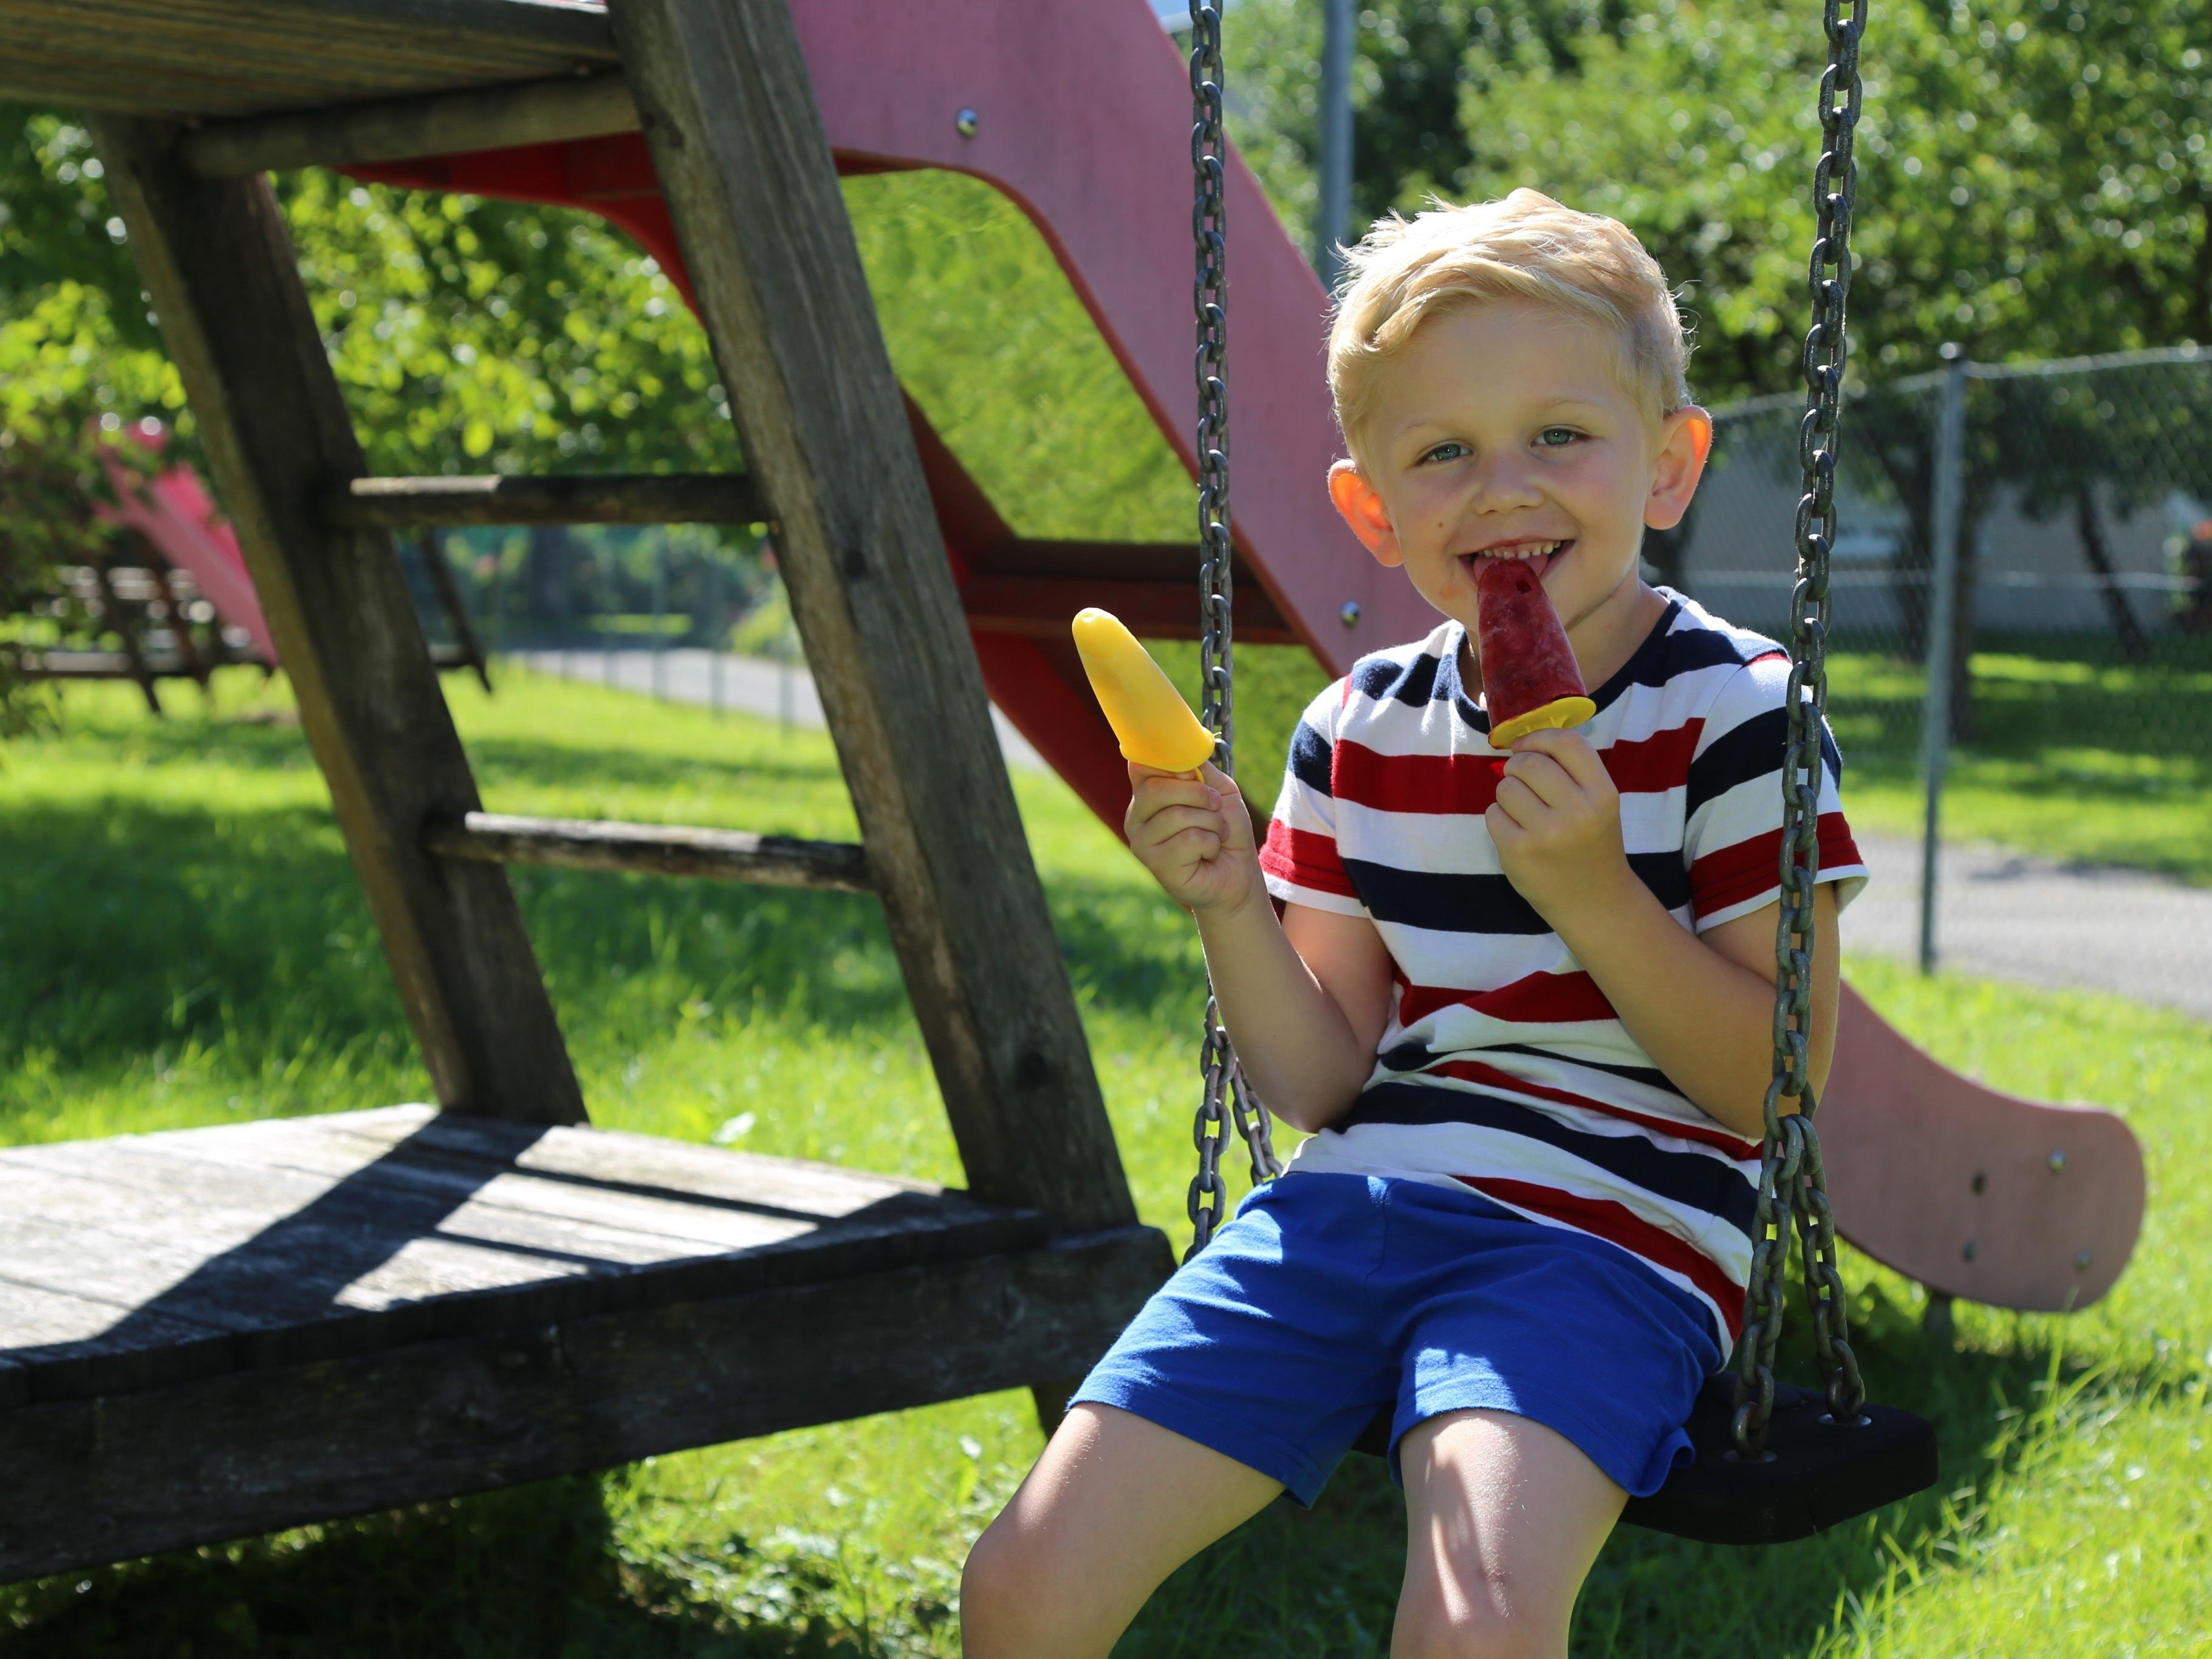 Ein leckeres und vor allem gesundes Eis am Stiel sorgt für eine Erfrischung im Sommer.